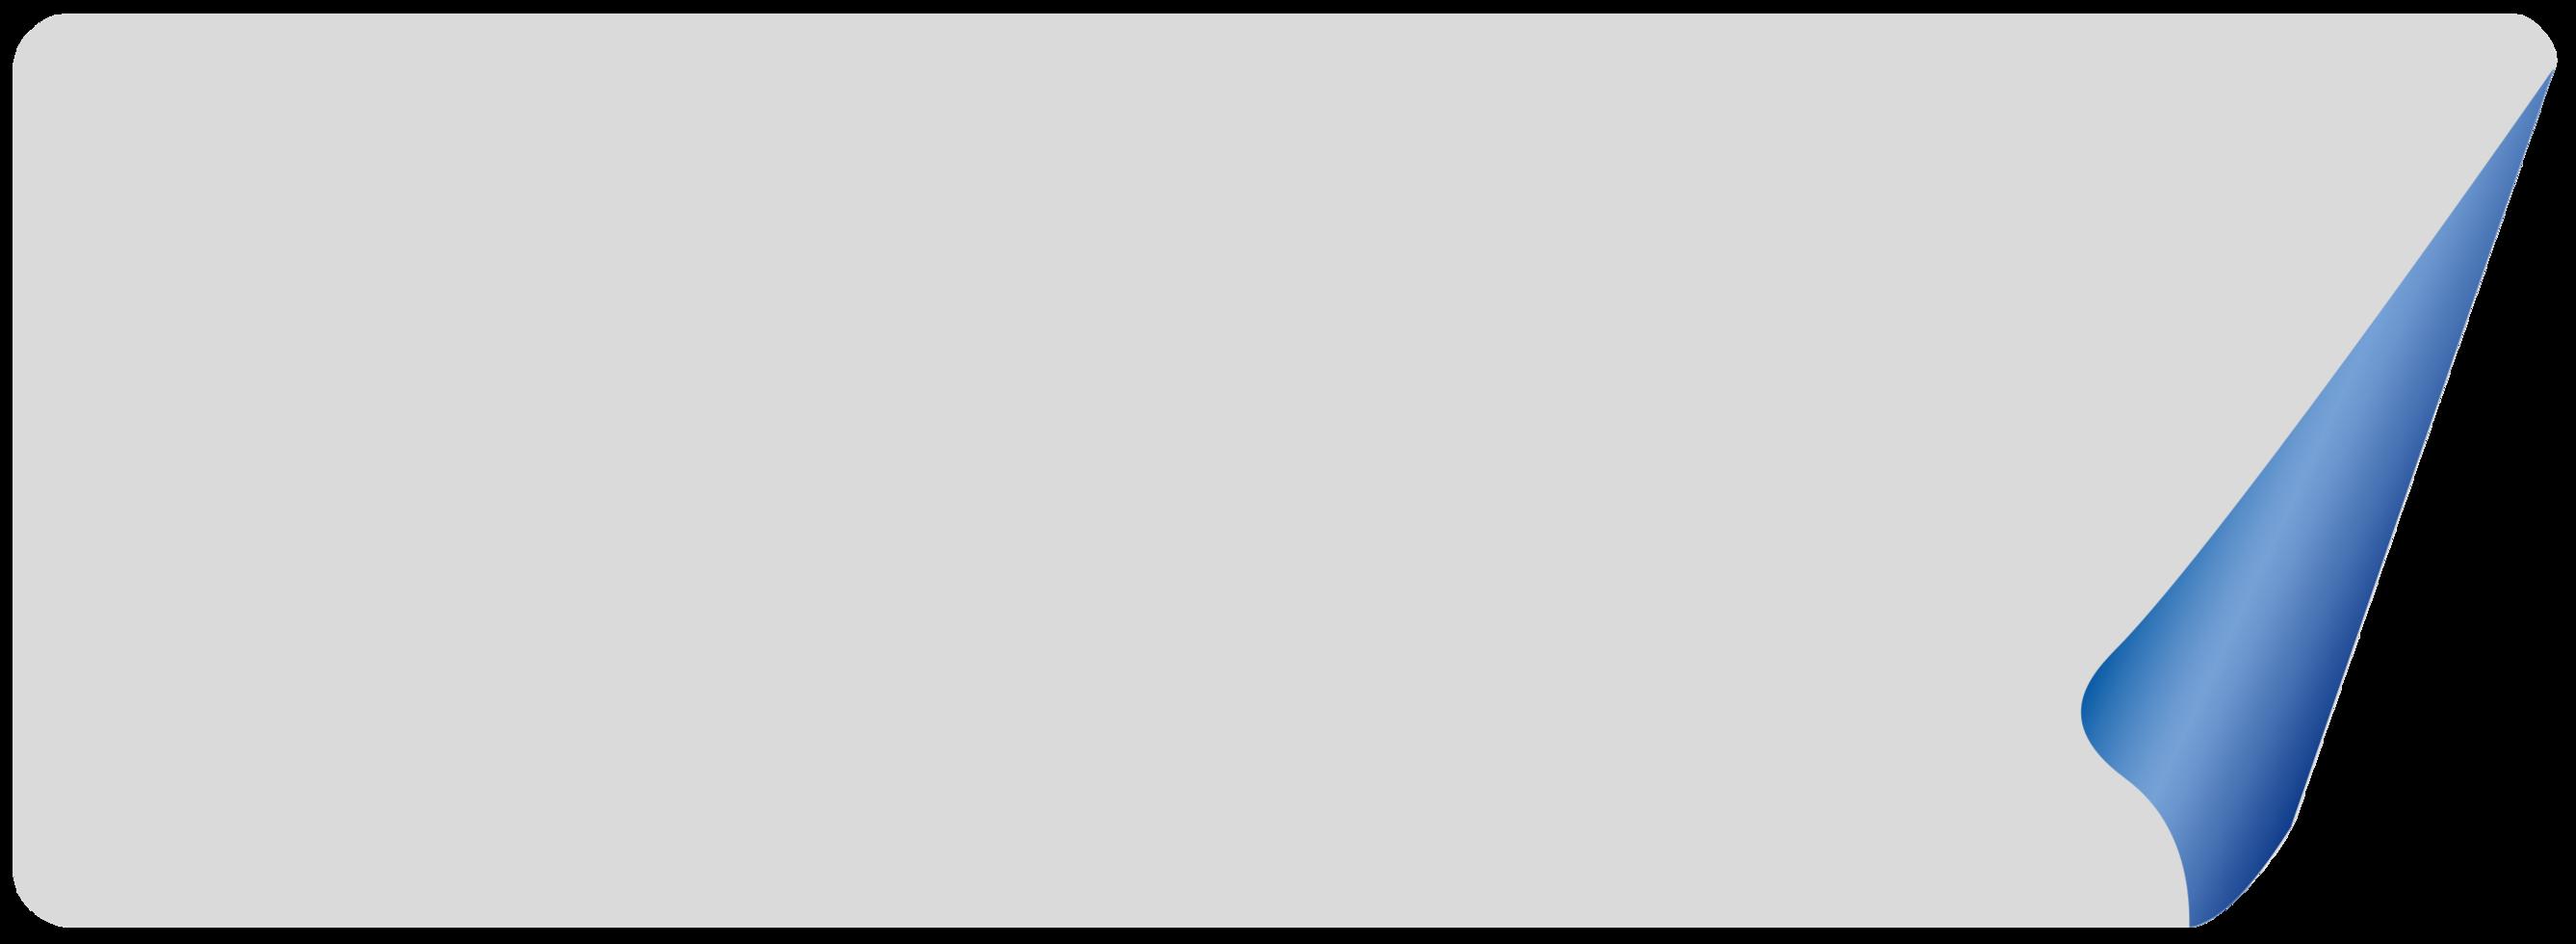 papier rectangle png